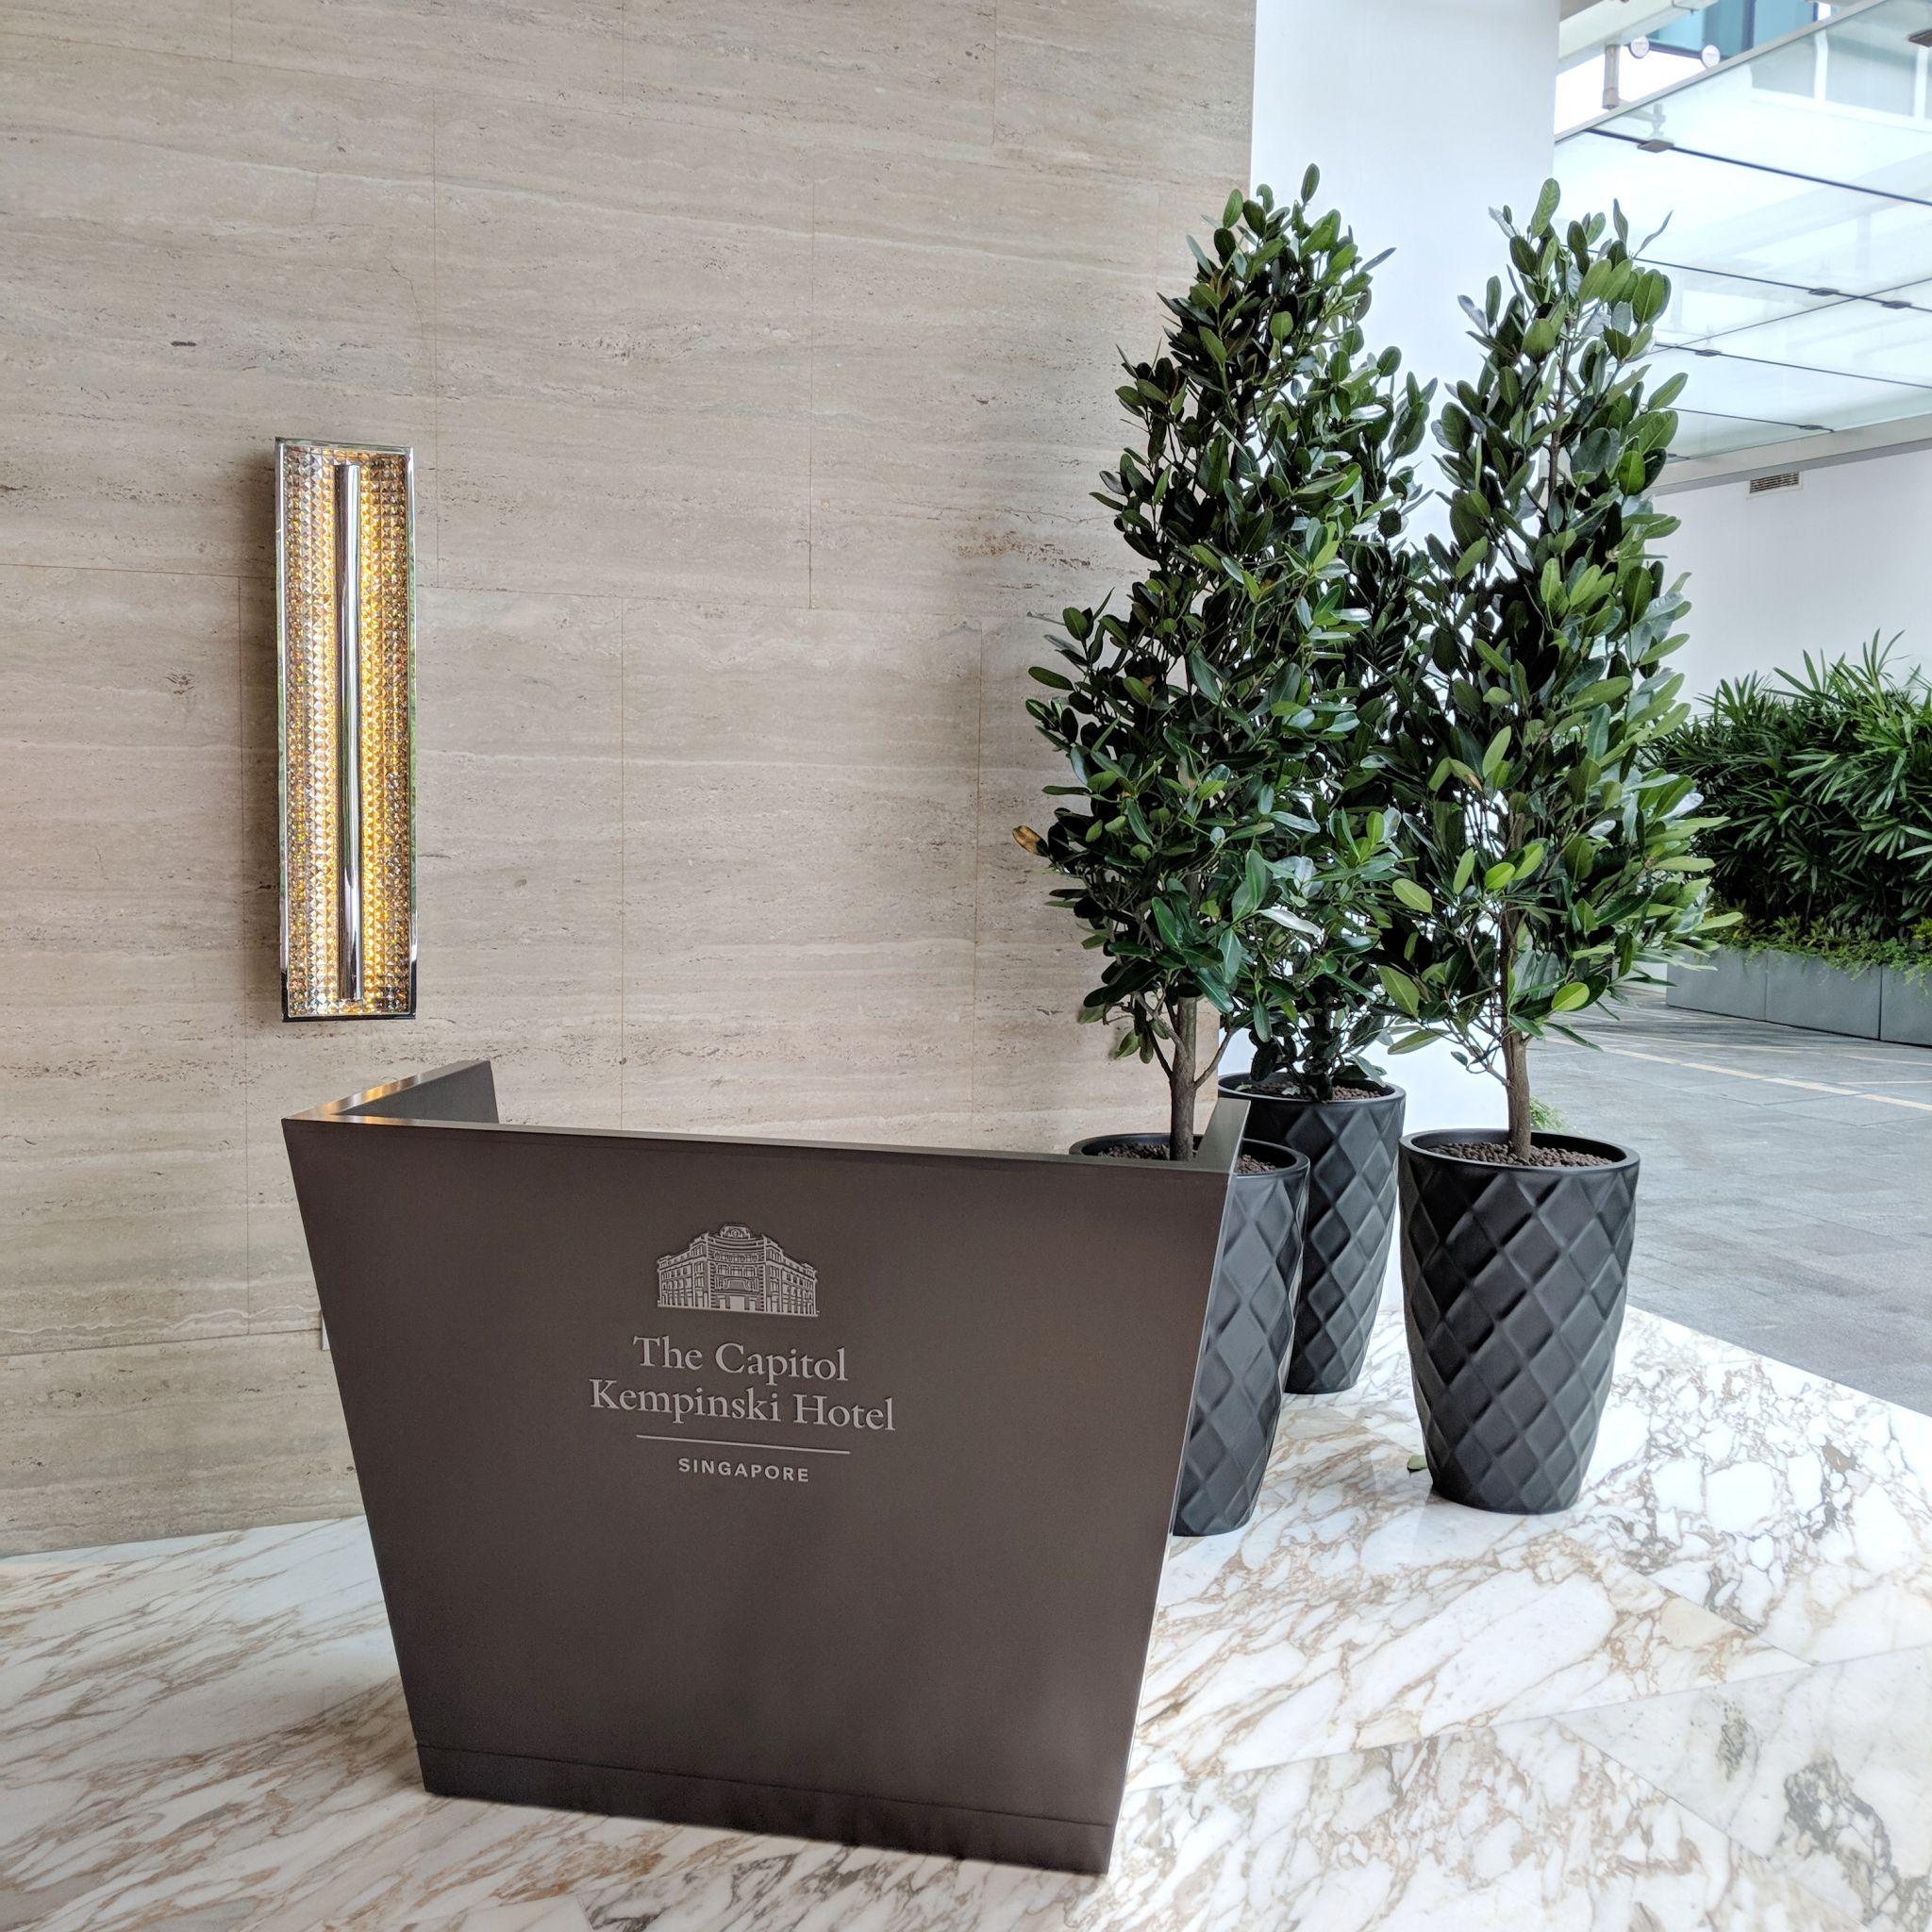 The Capitol Kempinski Hotel Singapore entrance